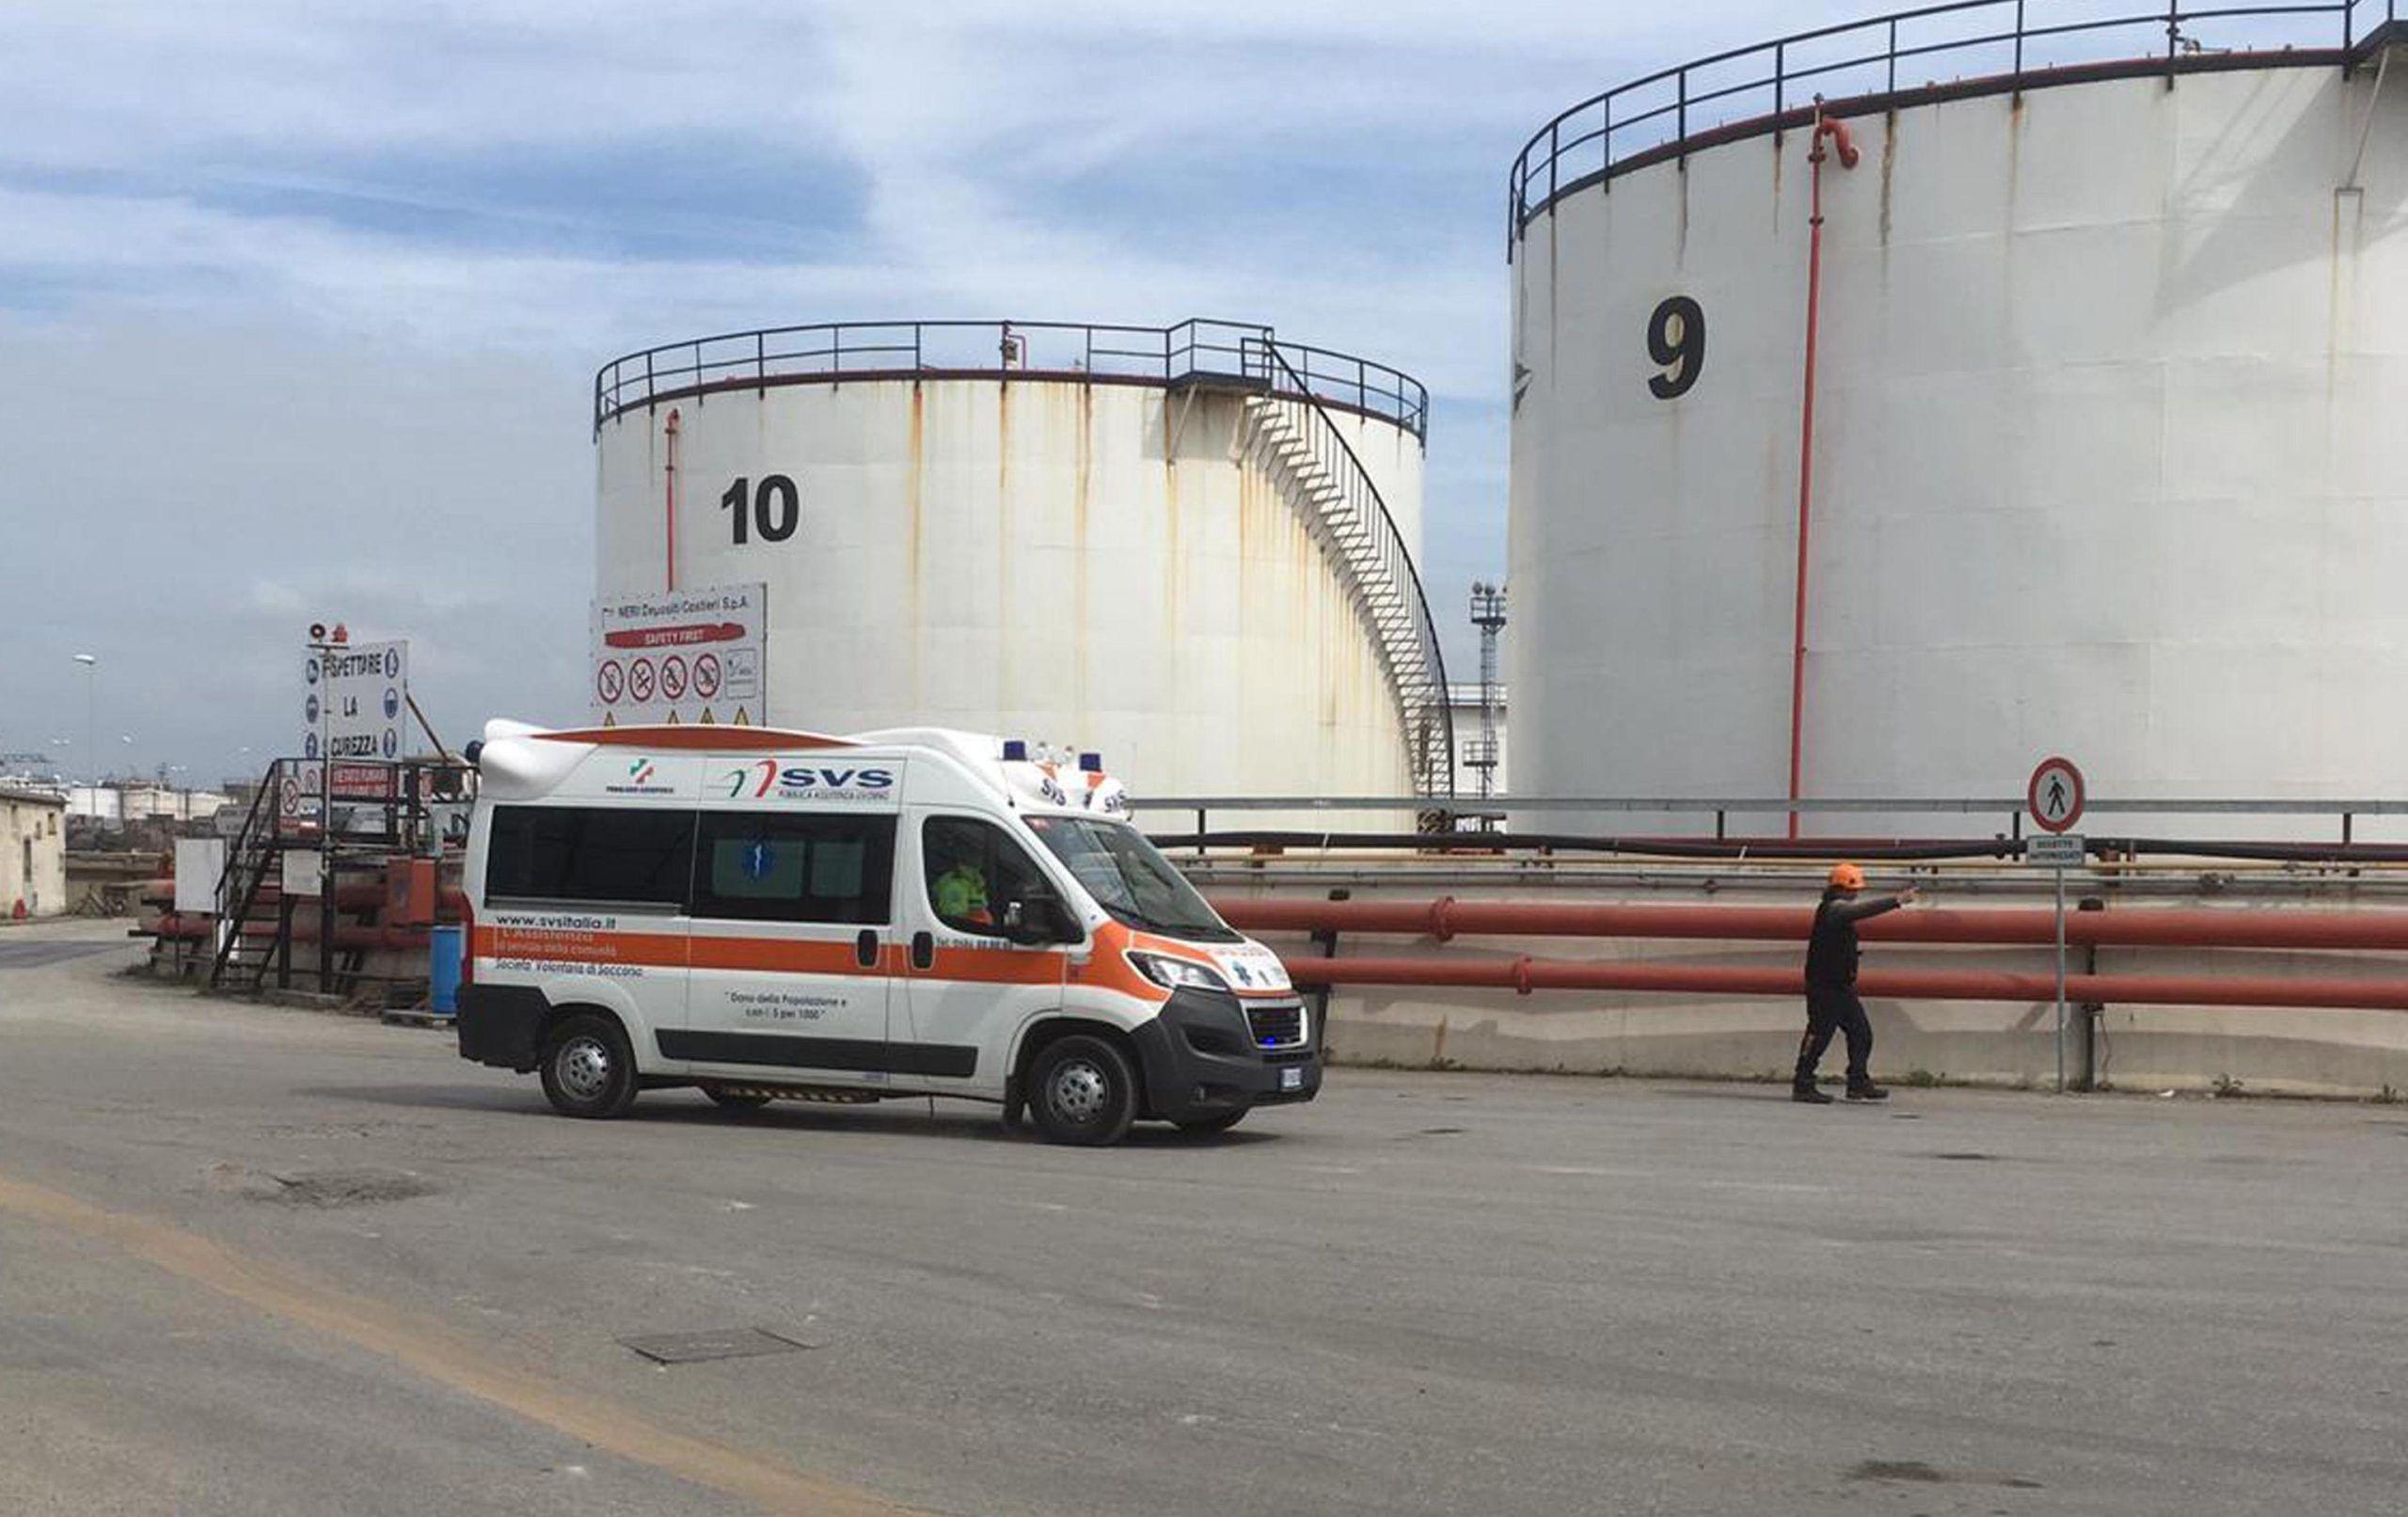 ++ Esplosione Livorno: 2 operai morti, uno grave ++